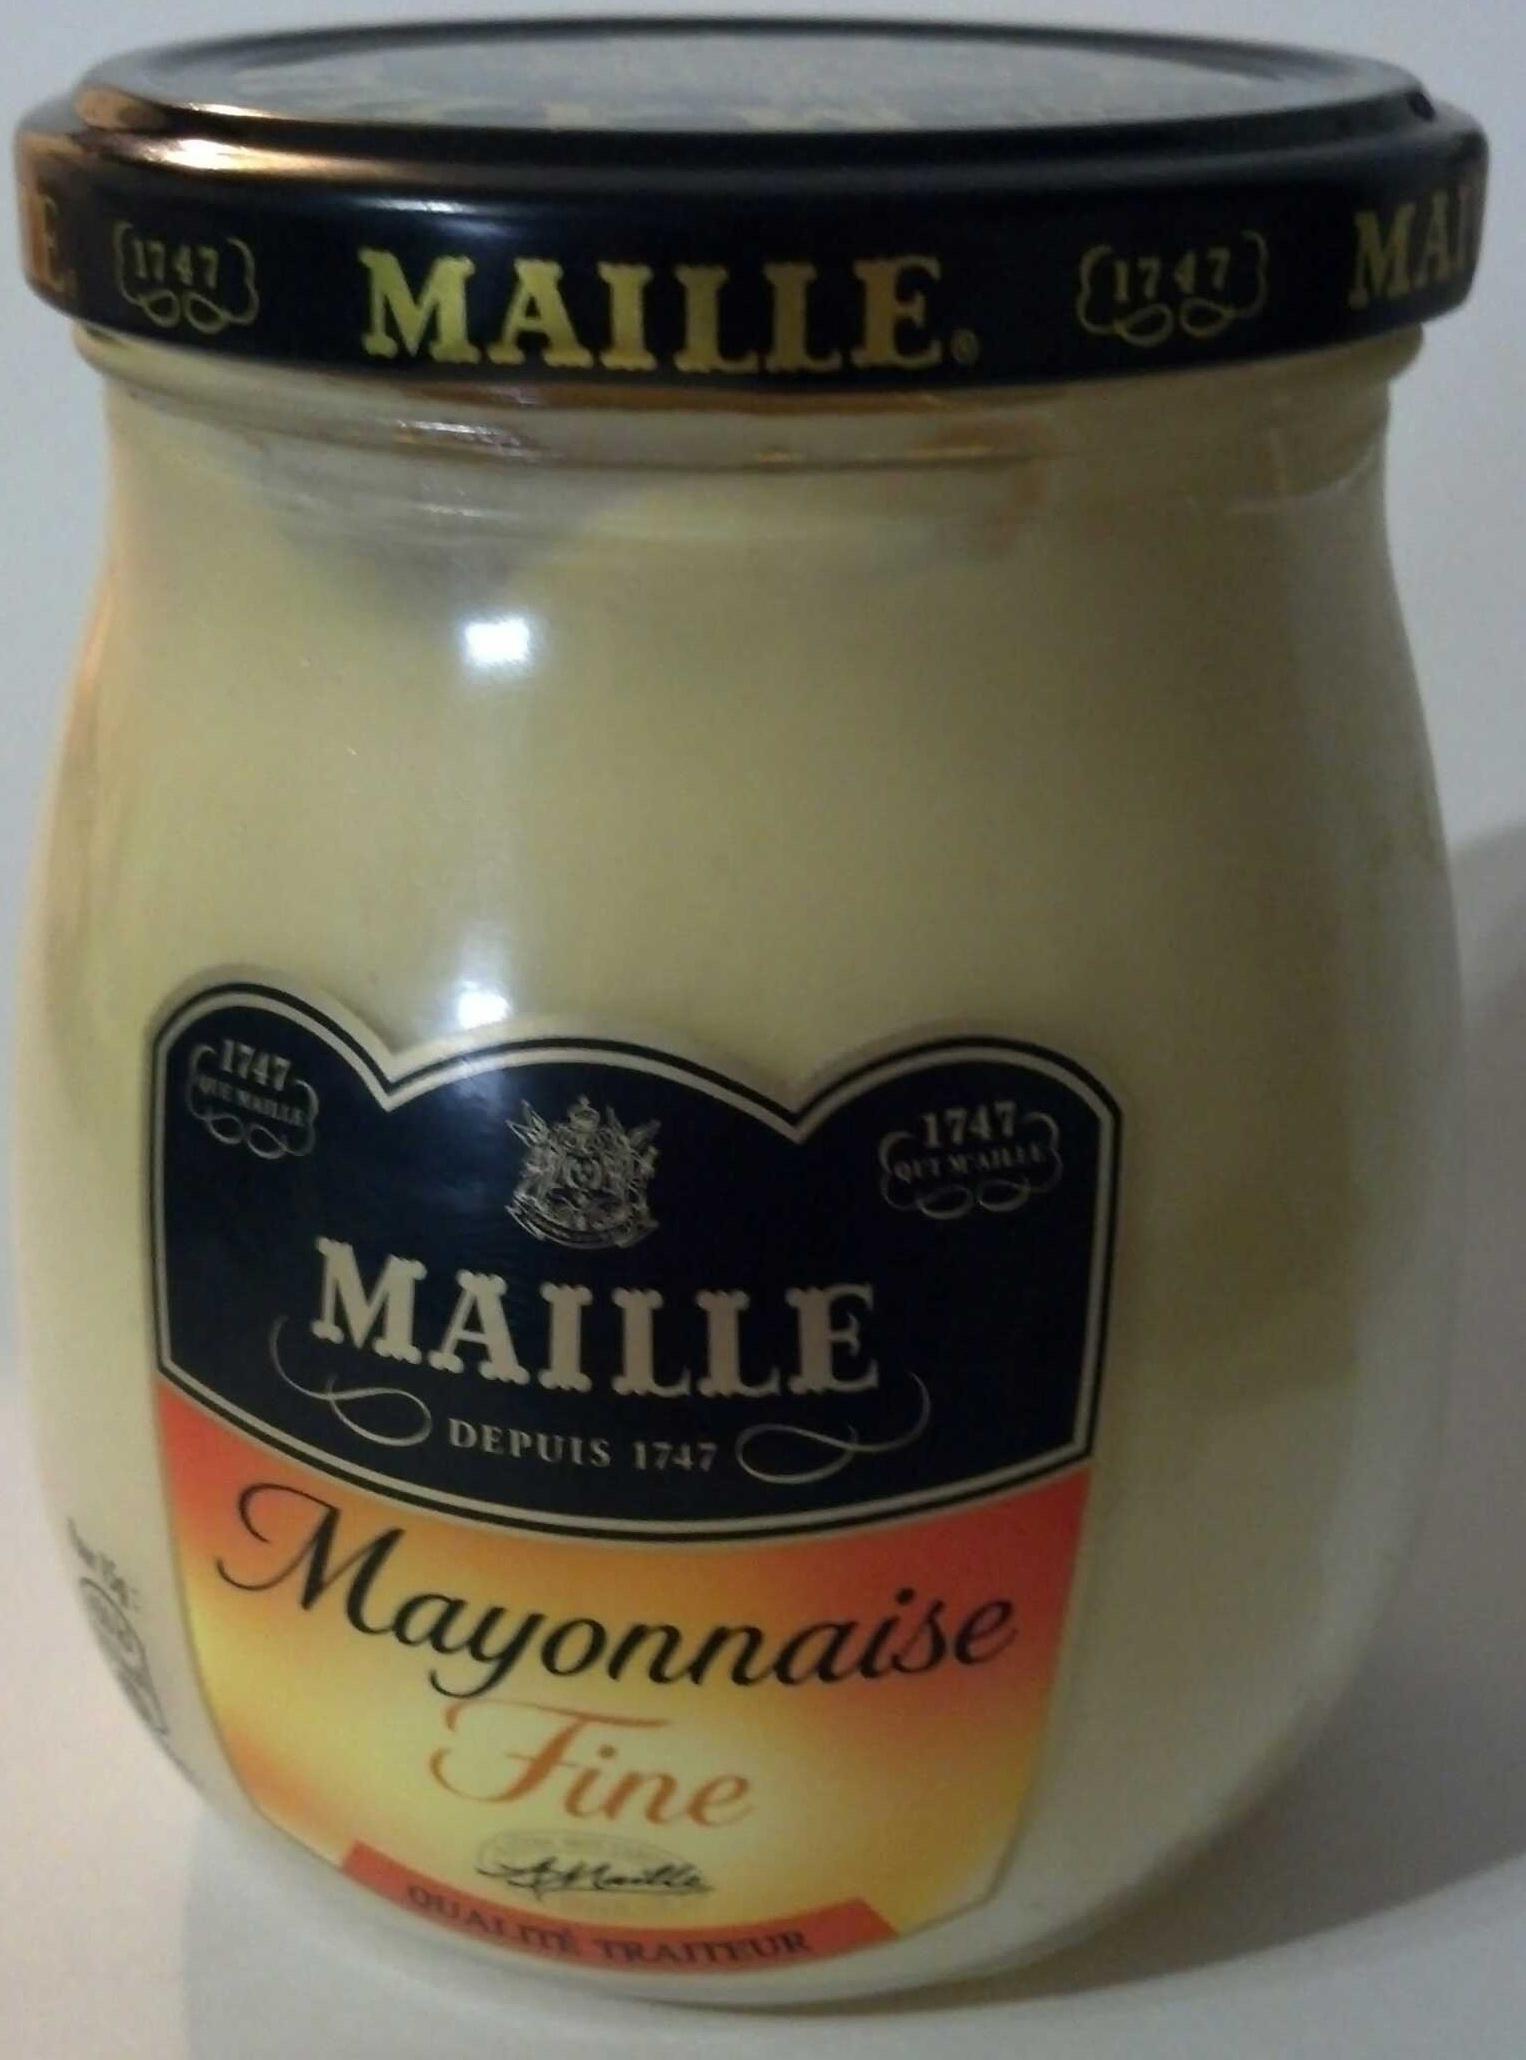 Mayonnaise fine qualité traiteur 100g - Product